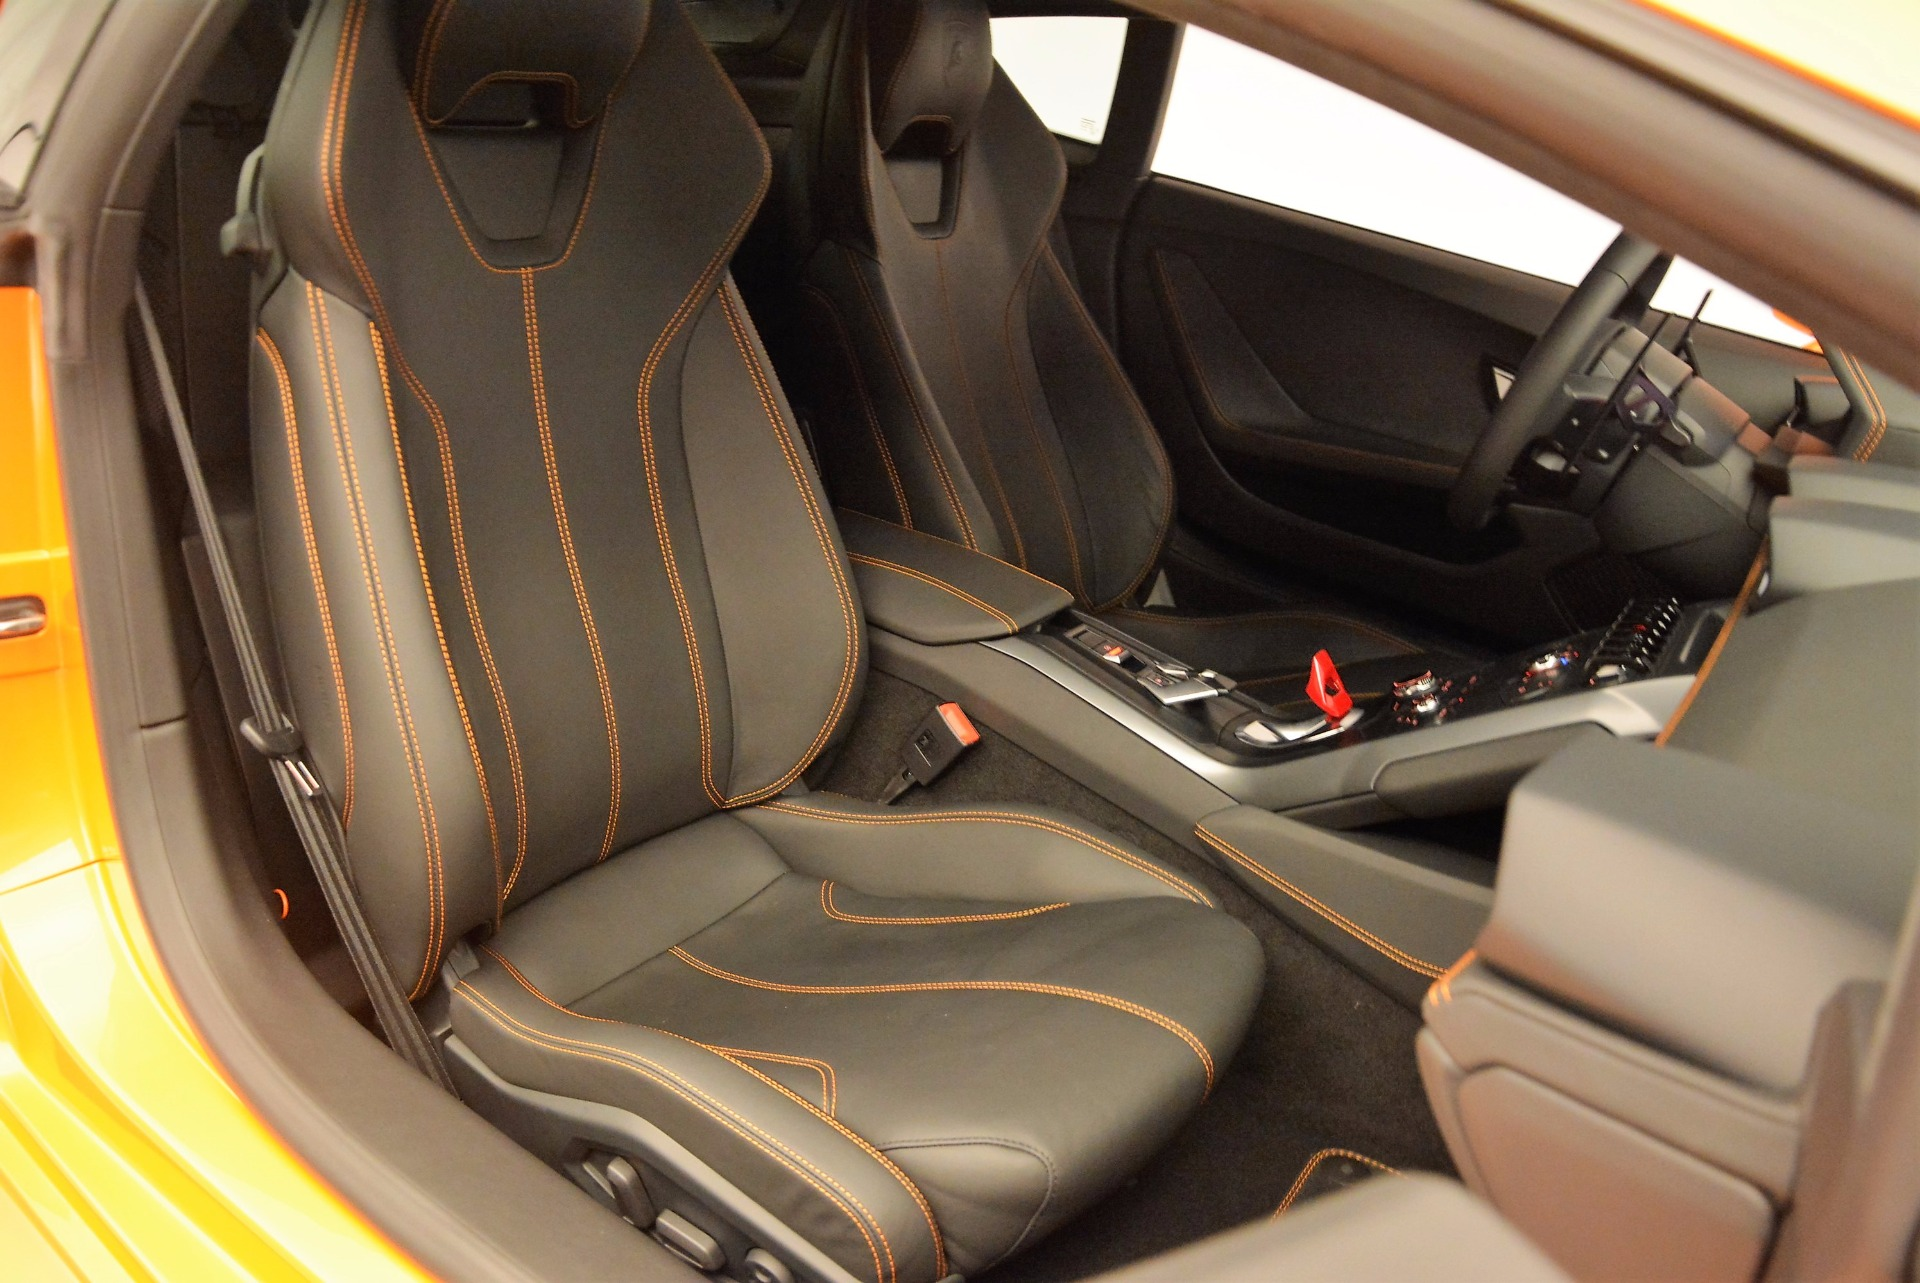 Used 2015 Lamborghini Huracan LP 610-4 For Sale In Westport, CT 621_p19